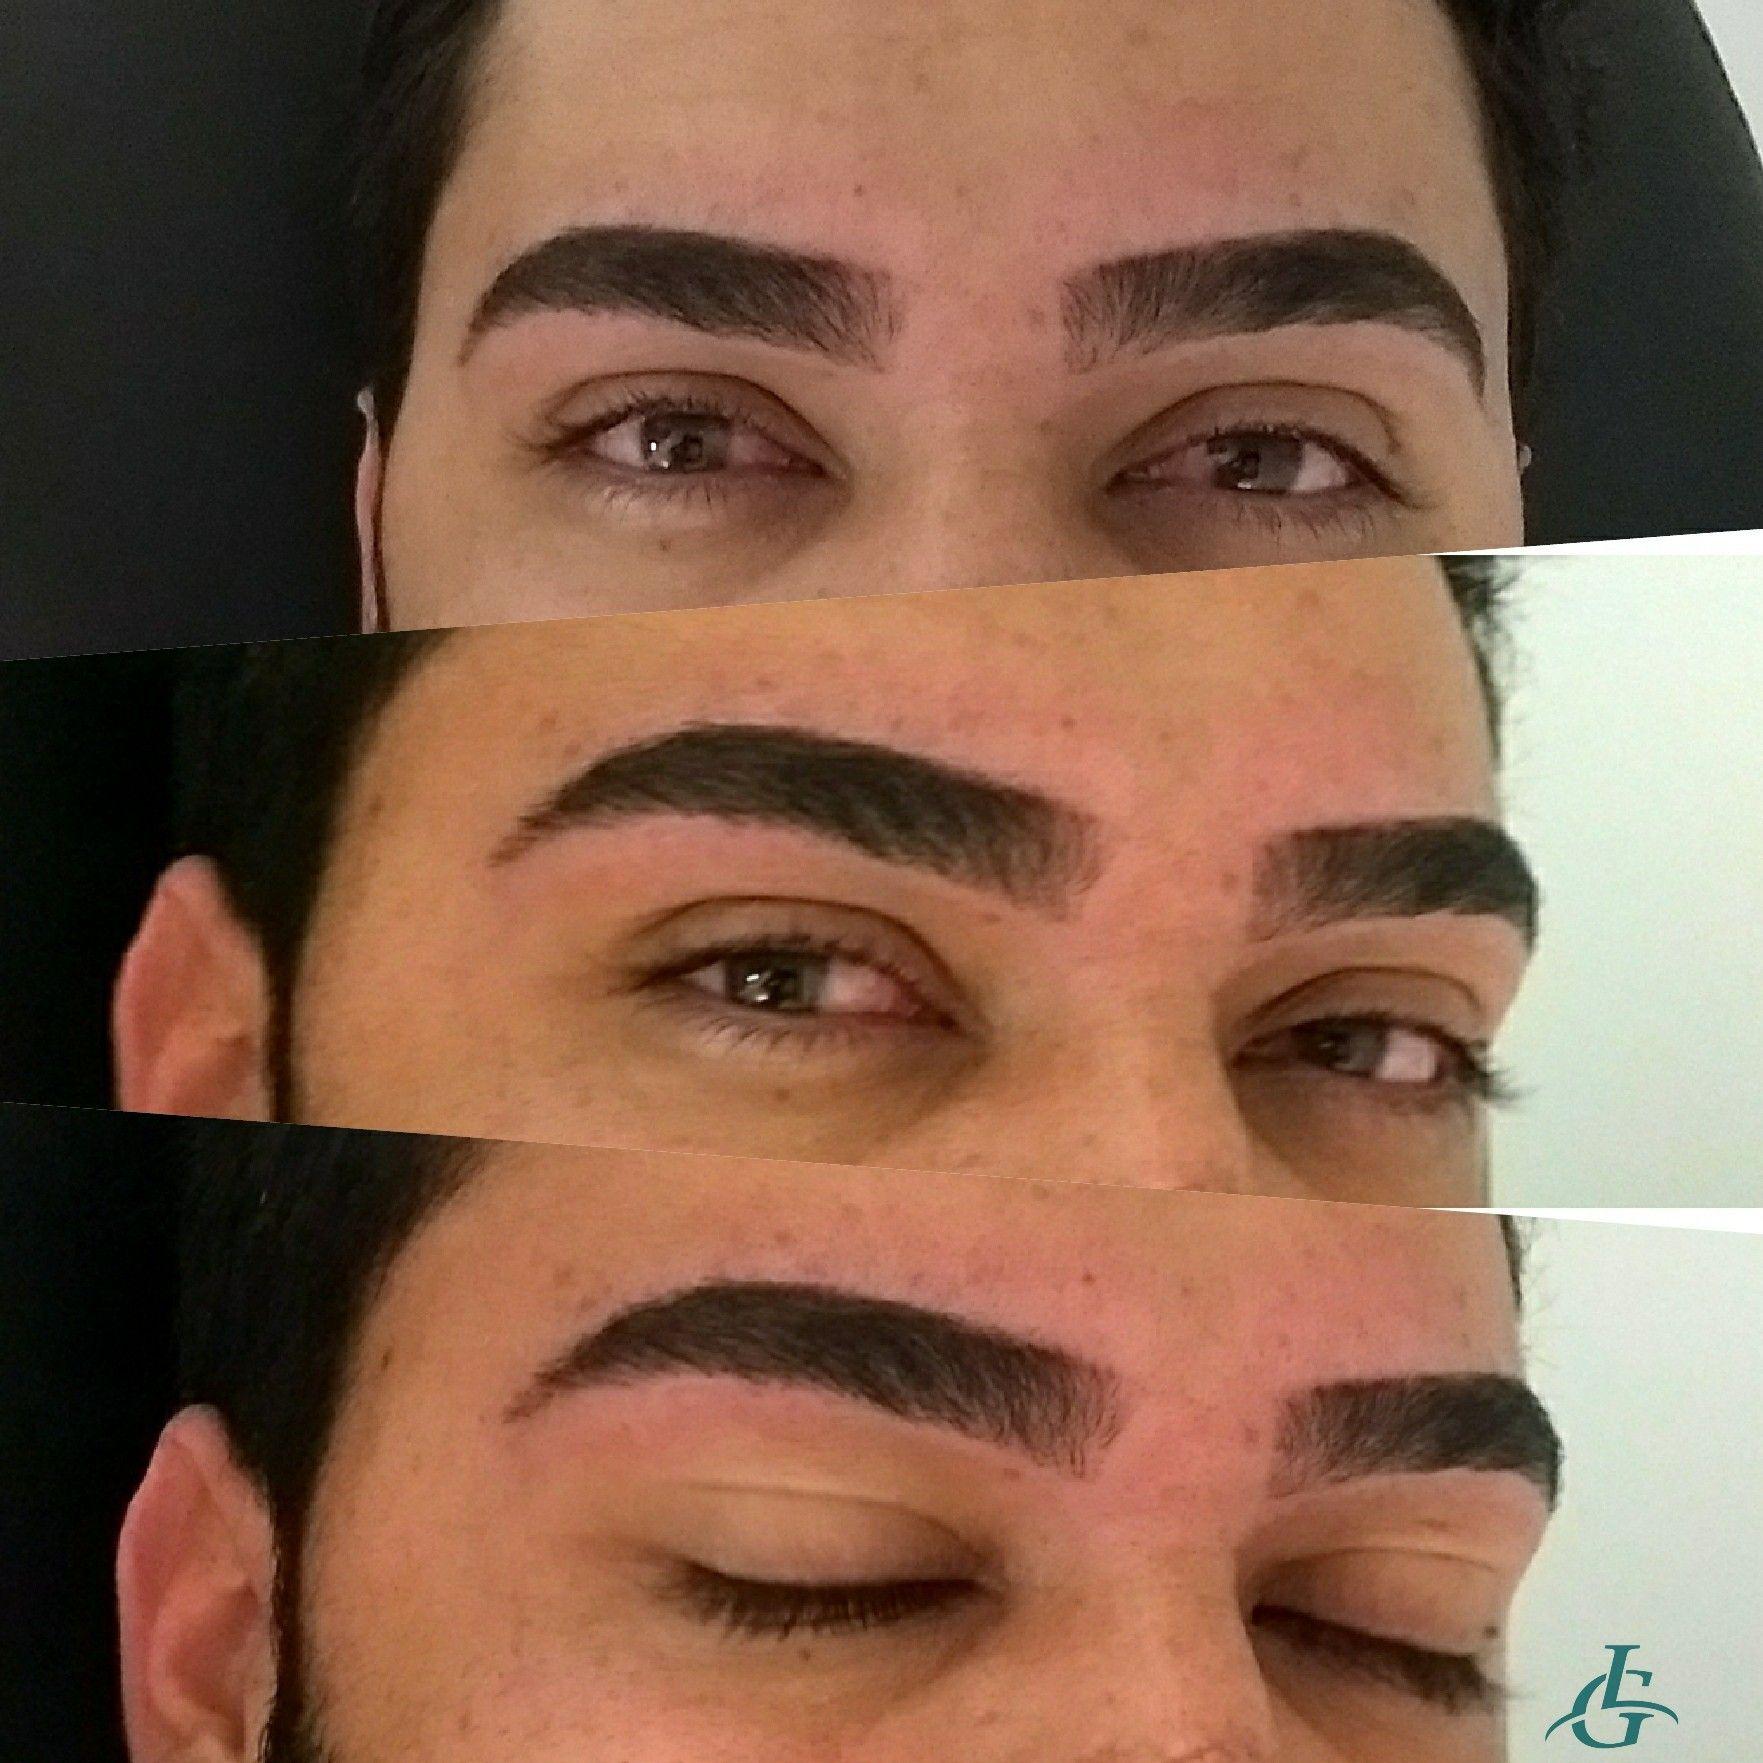 Cejas De Hombre confira o que eu fiz com #picsart | sobrancelhas perfeitas